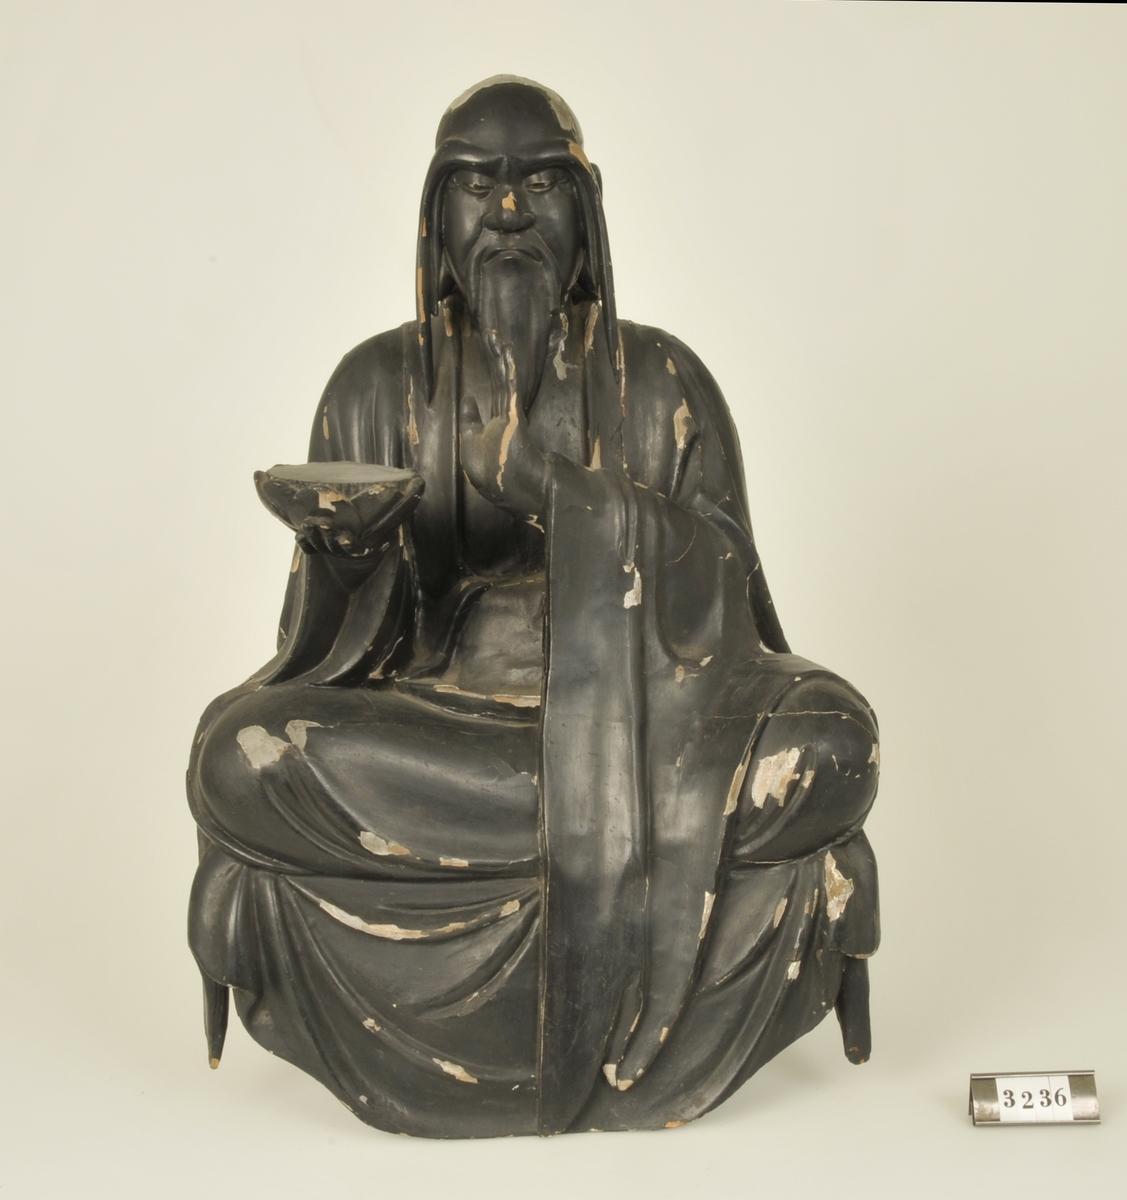 Träskulptur föreställande en man i sittande ställning. Håller i höger hand en tom bricka. Målad i svart.  Har tillhört de Adelsköldska samlingarna.